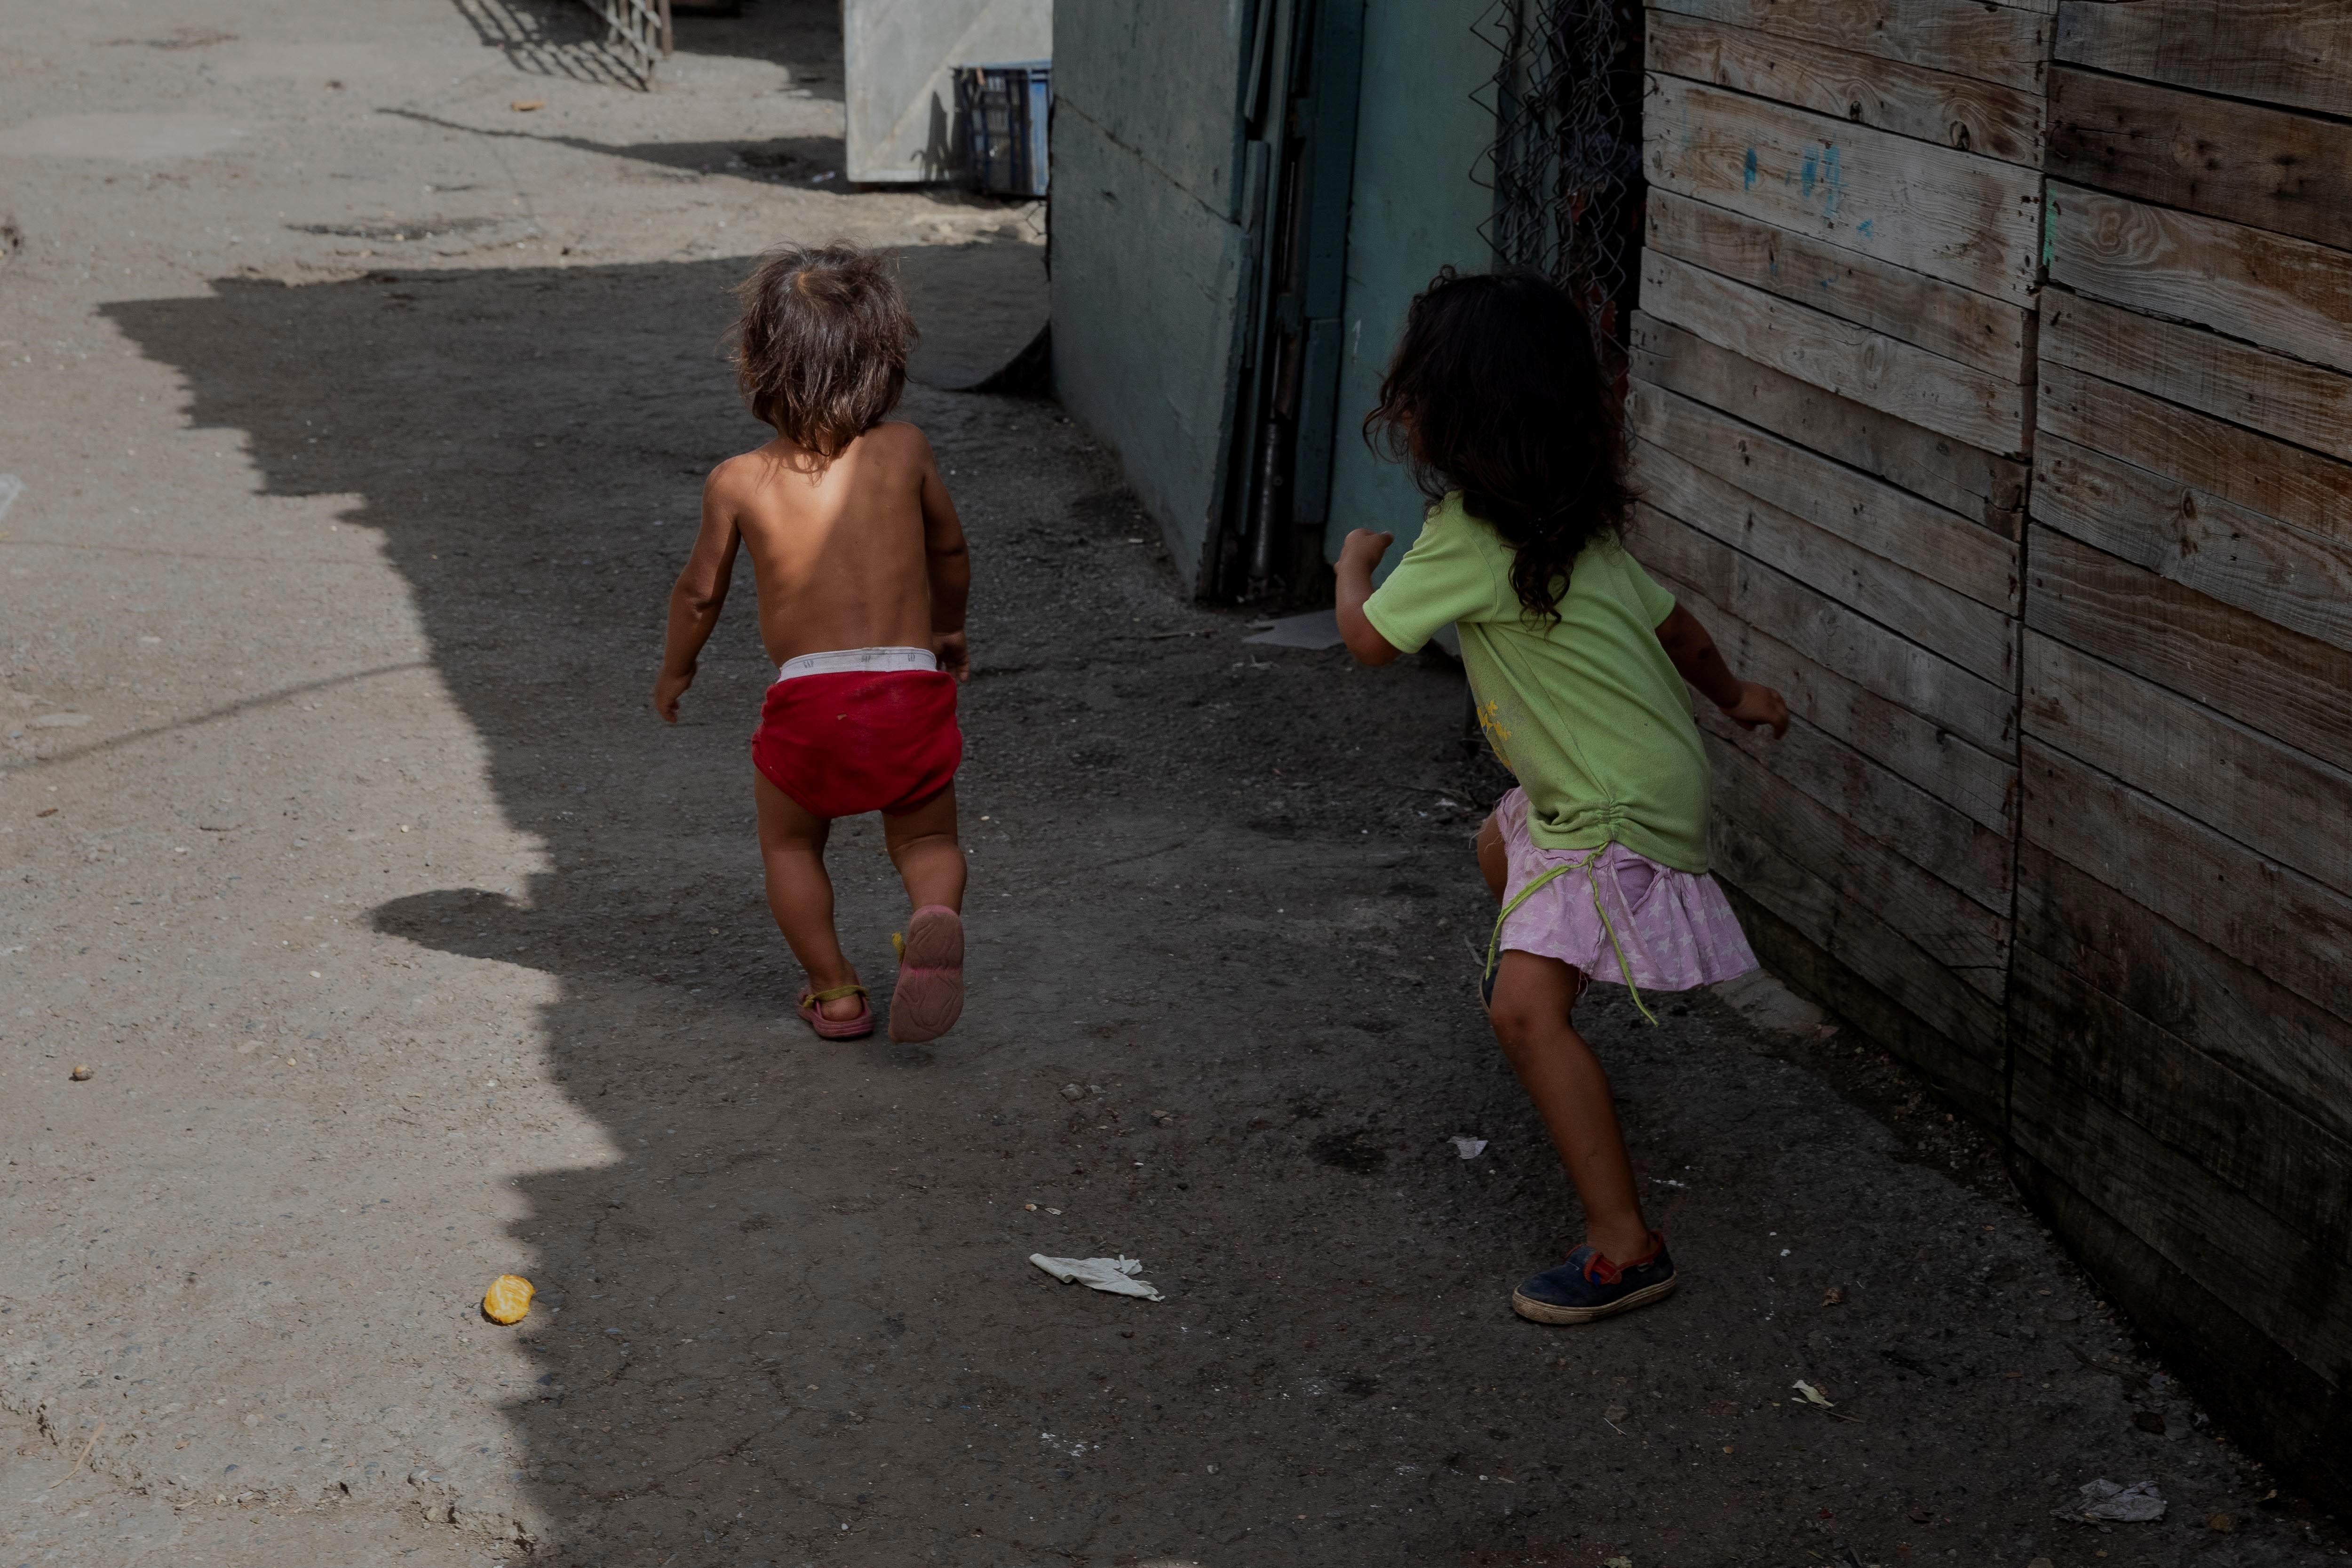 Zulia, Miranda, Carabobo y el Distrito Capital, las ciudades que más reportan maltrato infantil durante la pandemia